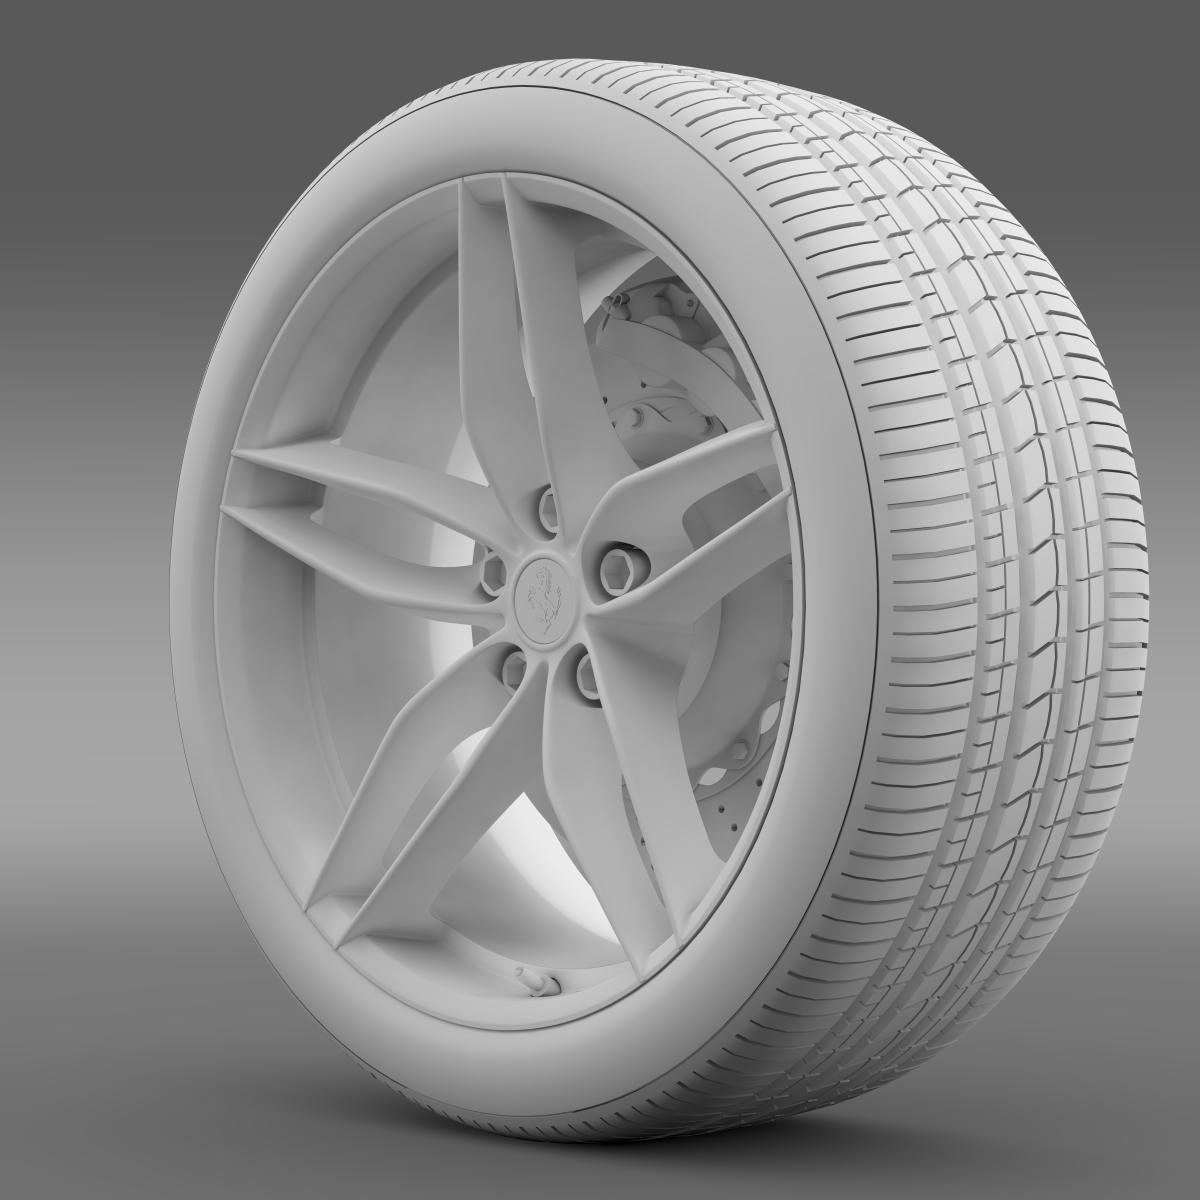 ferrari 488 gtb 2015 wheel 3d model 3ds max fbx c4d lwo ma mb hrc xsi obj 210688